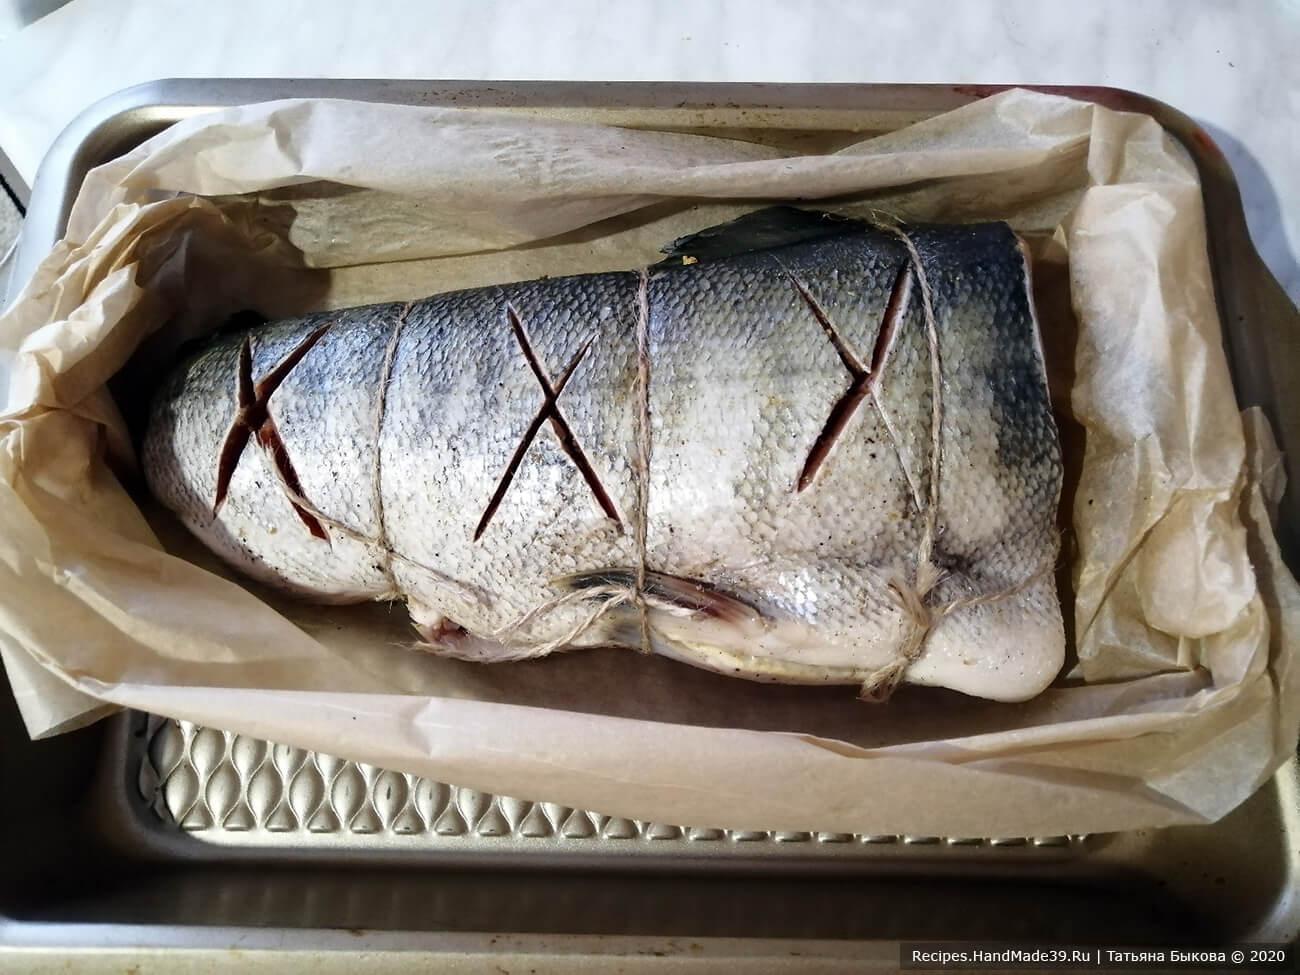 Перенесите пергамент с рыбой на противень и поставьте на 30 минут в духовку, разогретую до температуры 220 °C